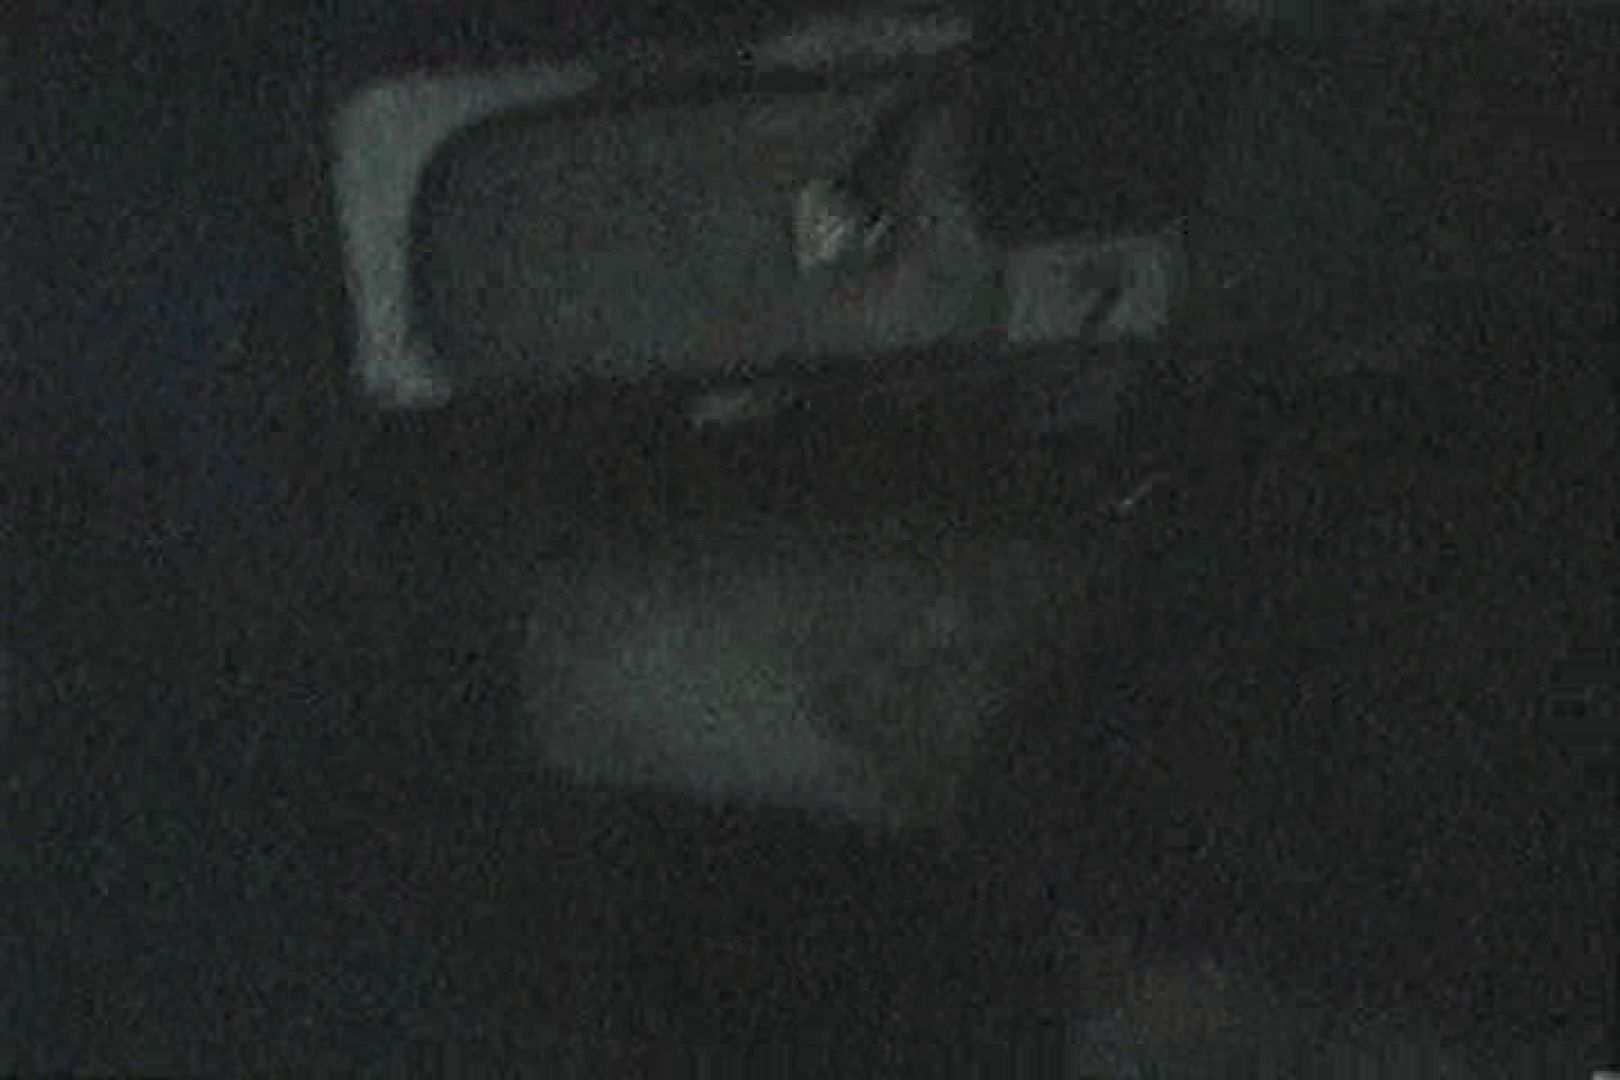 充血監督の深夜の運動会Vol.123 カップル盗撮 | エロティックなOL  107画像 58